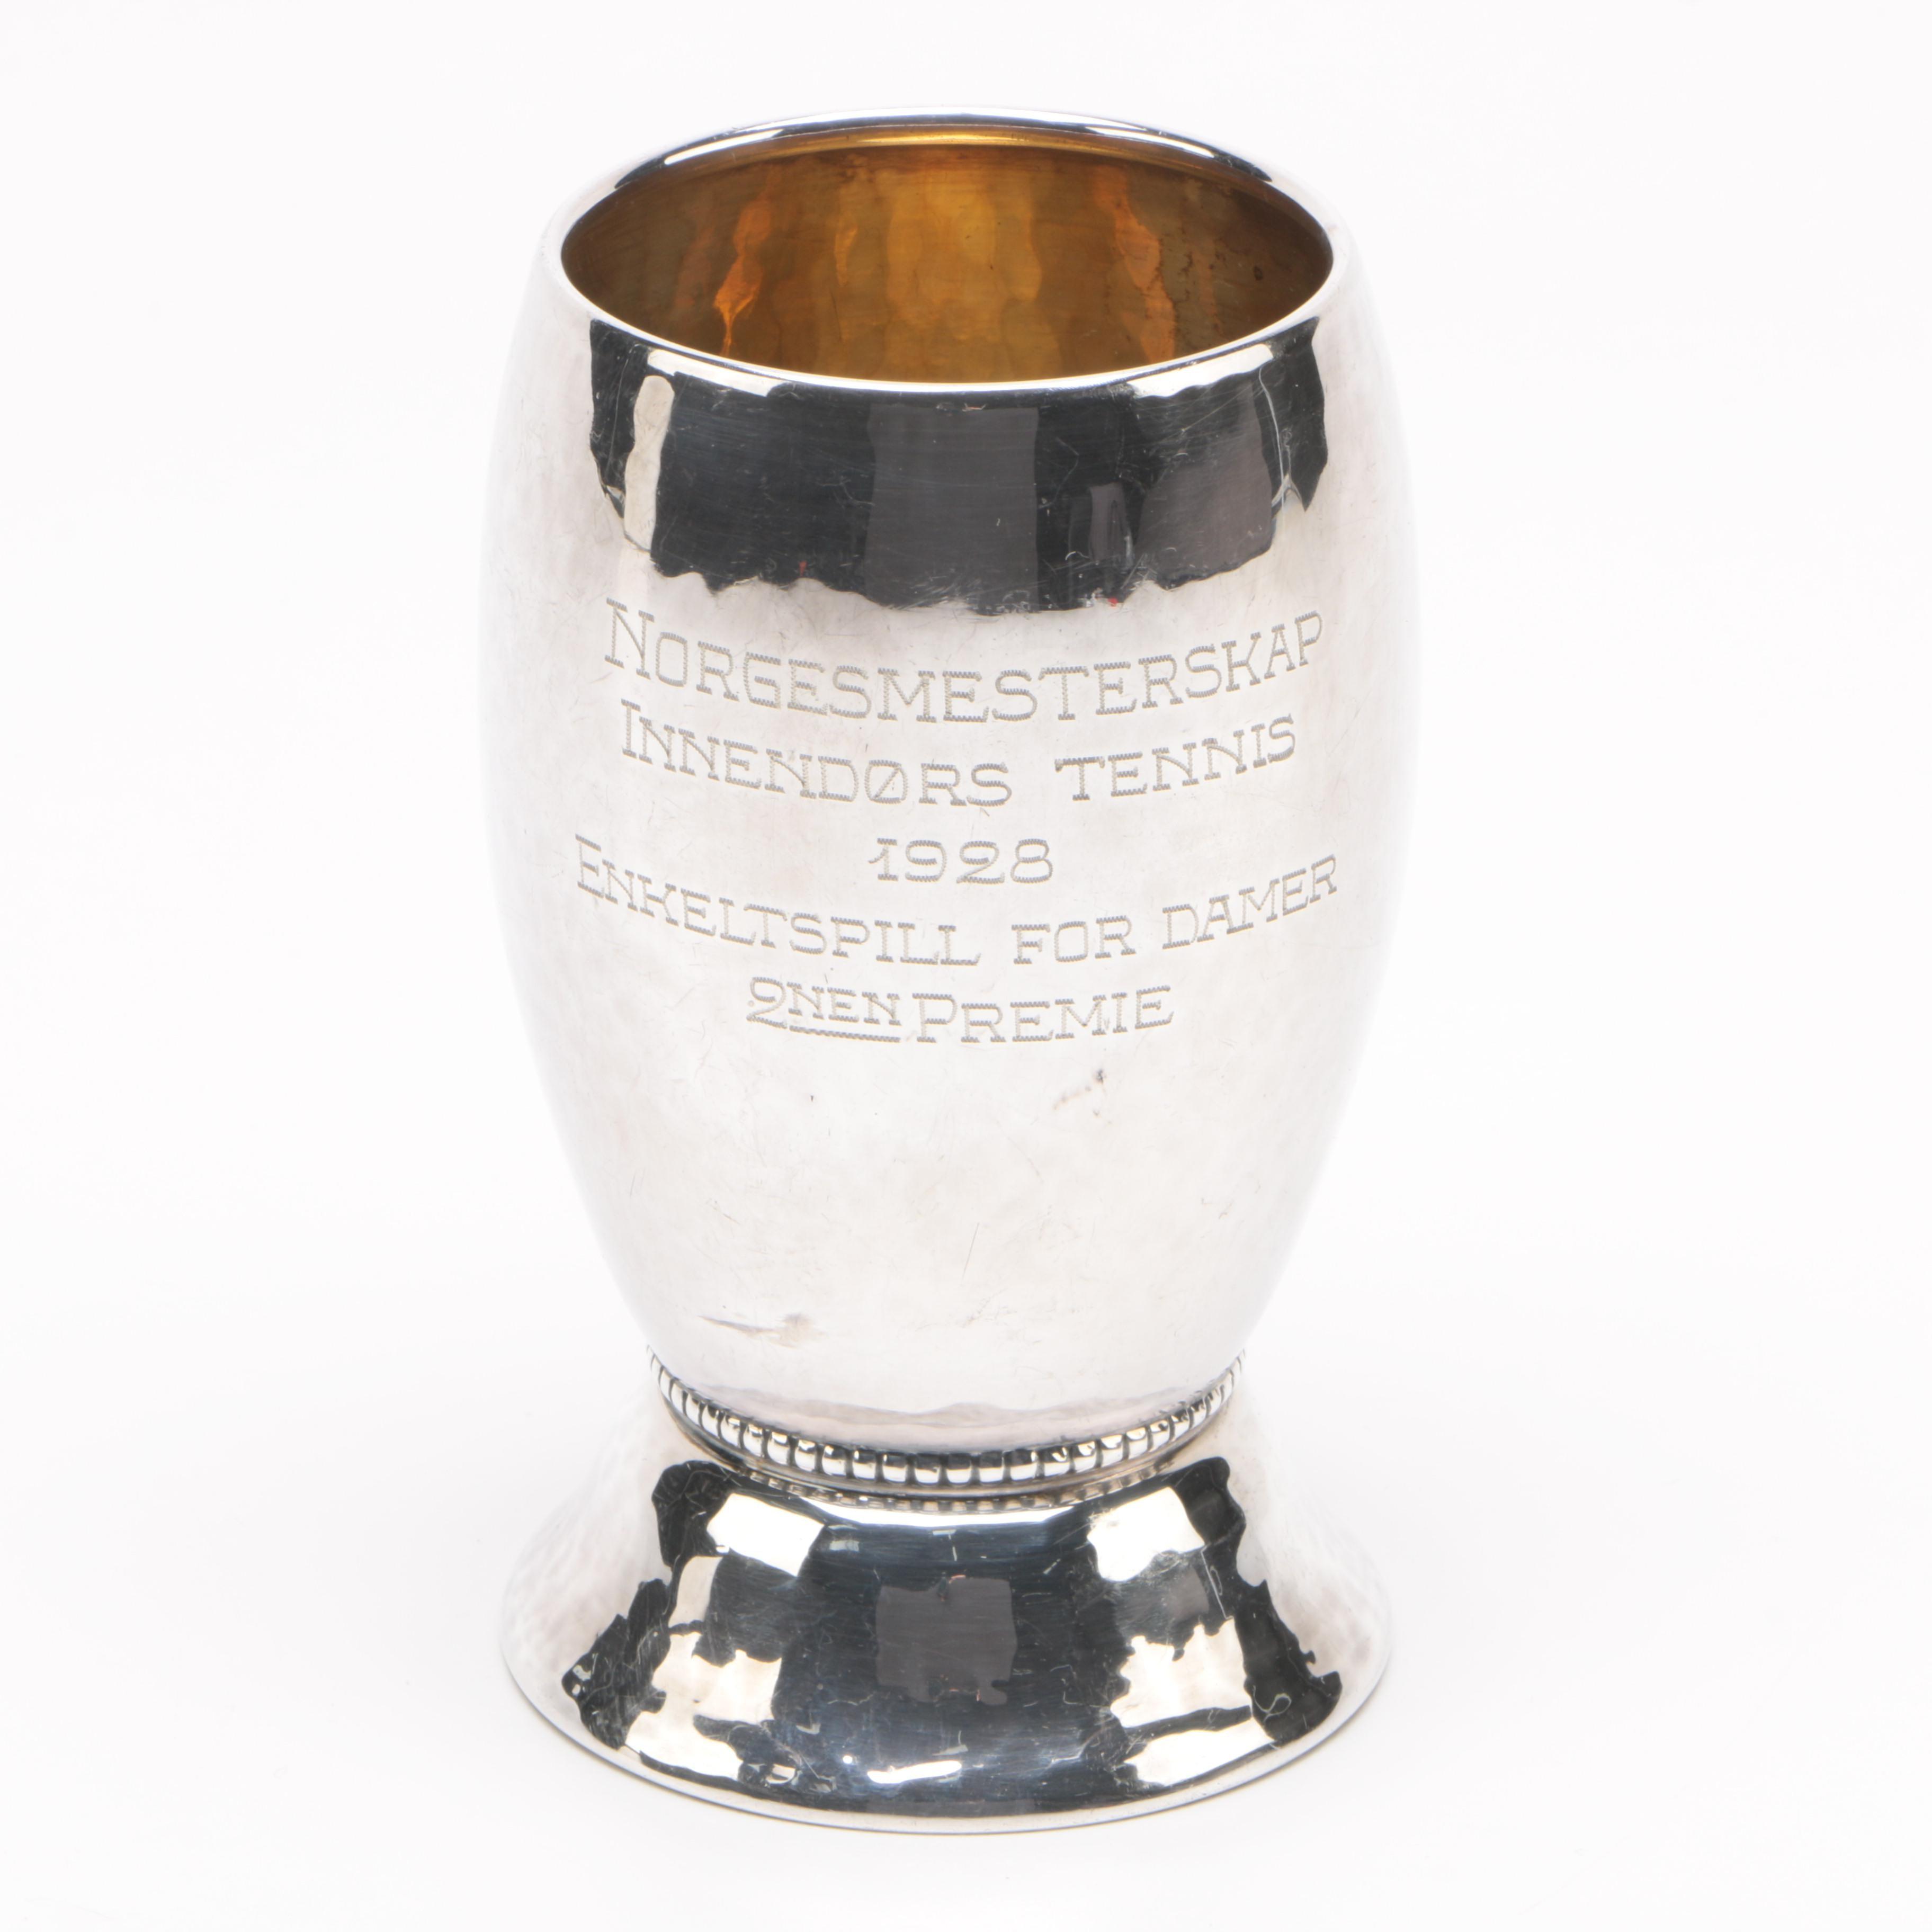 1928 Norwegian 830 Silver Women's Indoor Tennis Trophy Cup